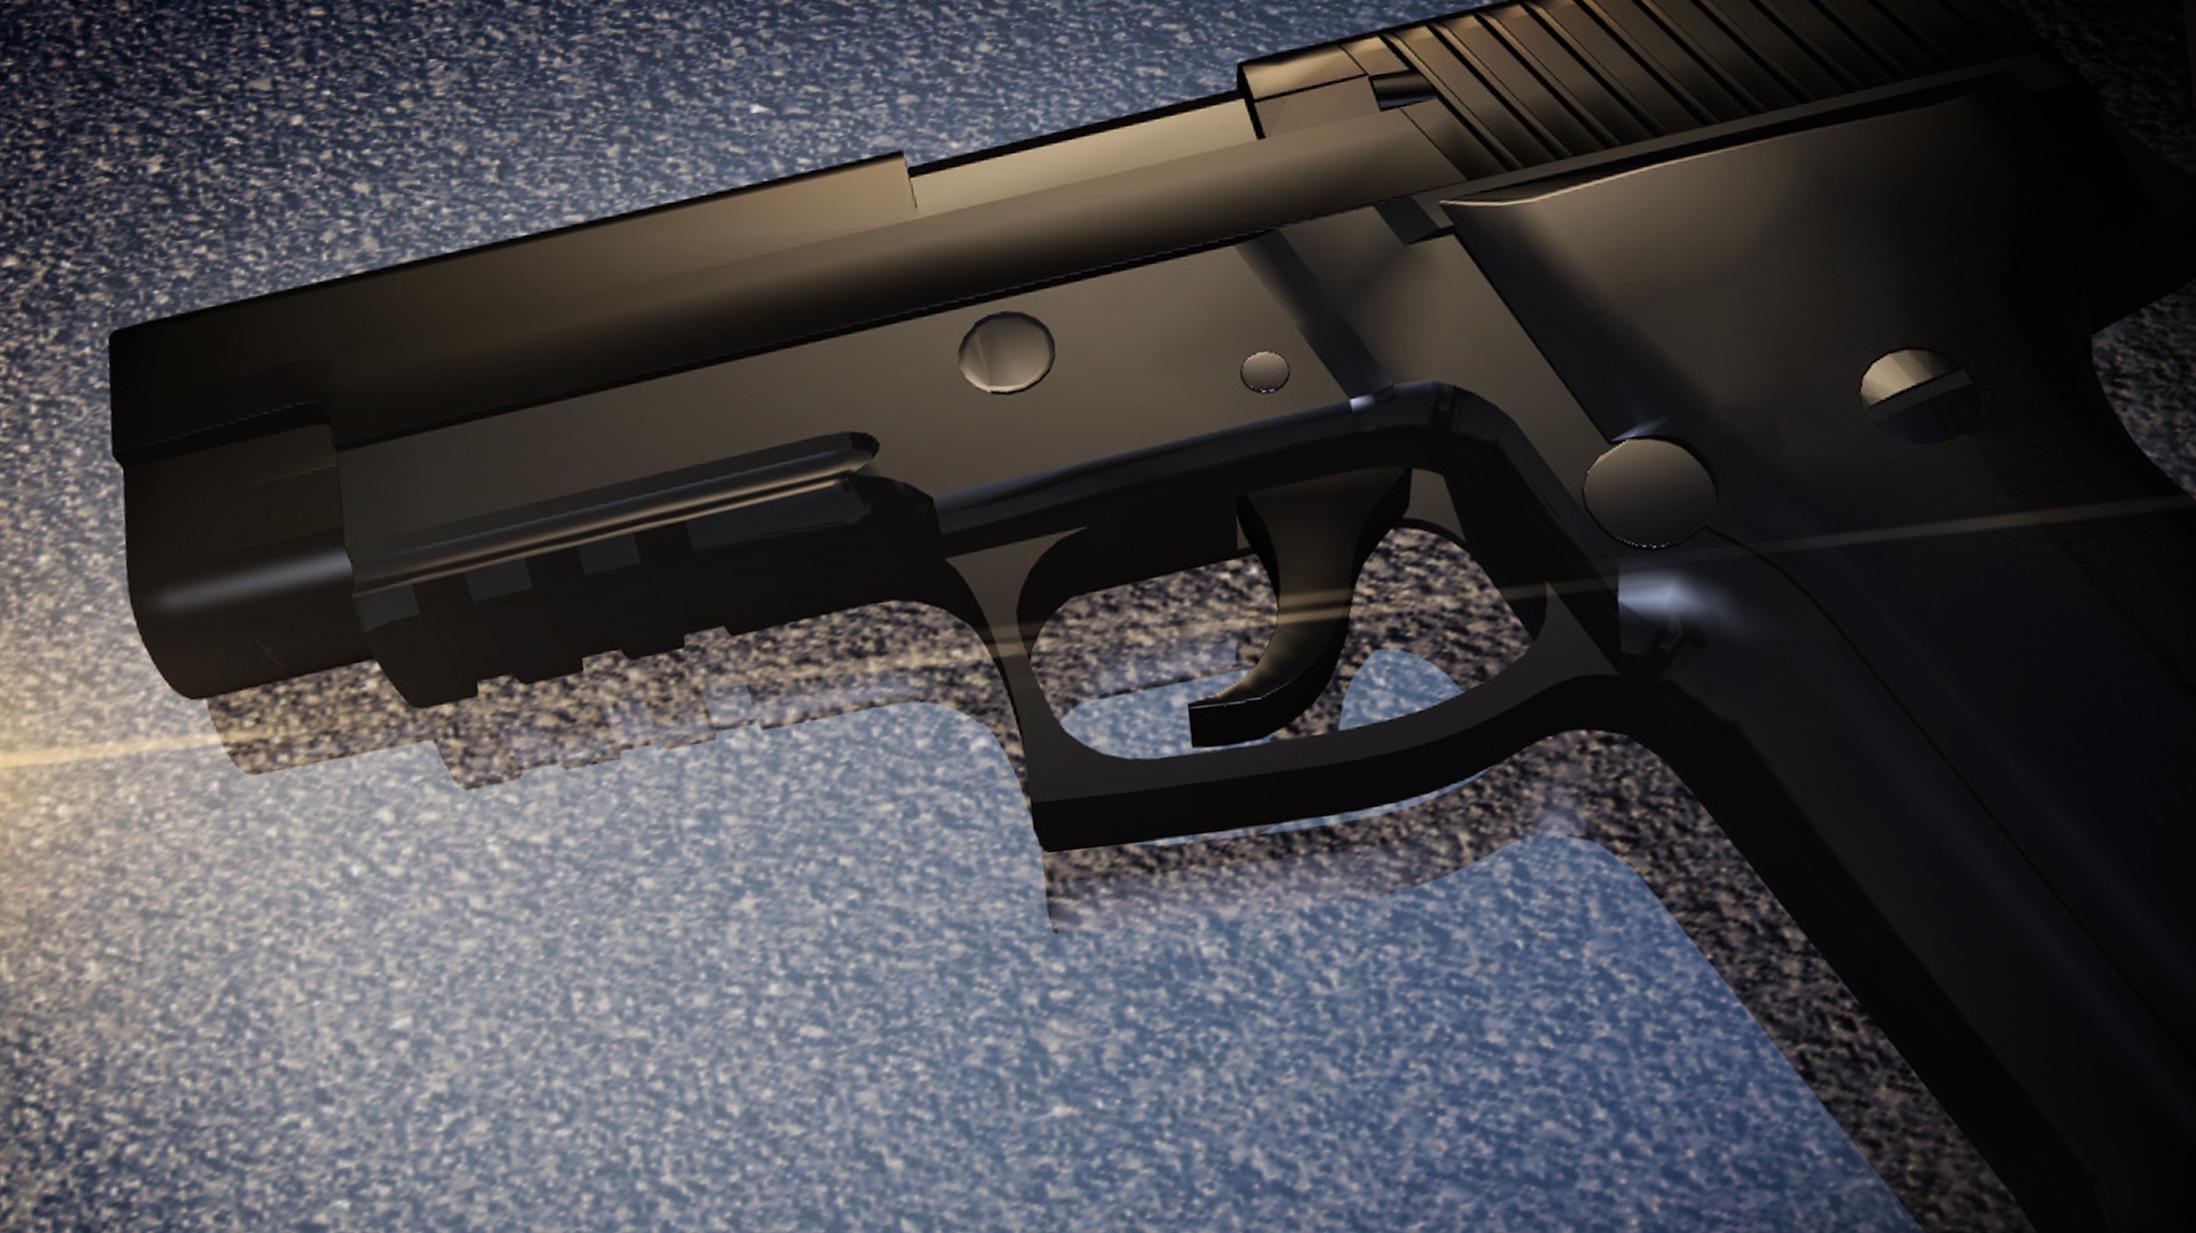 Gun_1444145791101.jpg